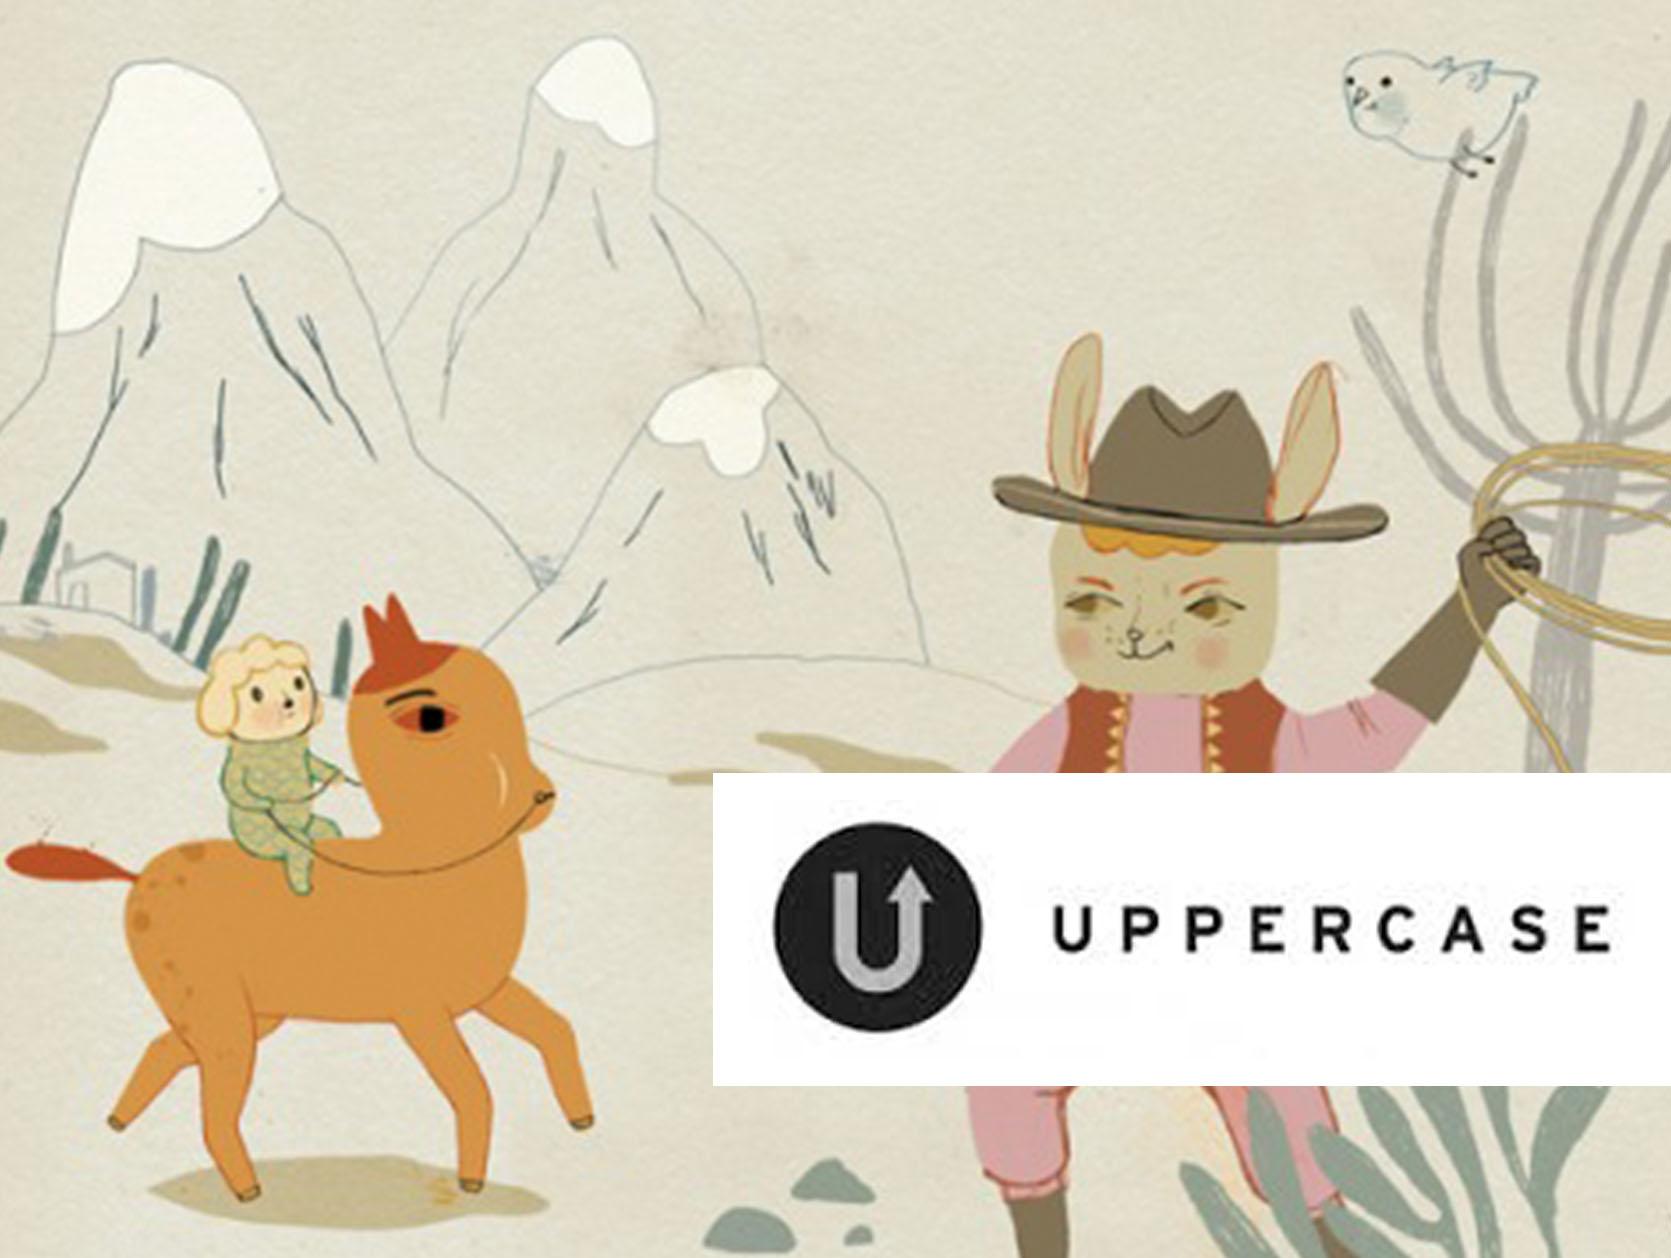 ace_upper2.jpg